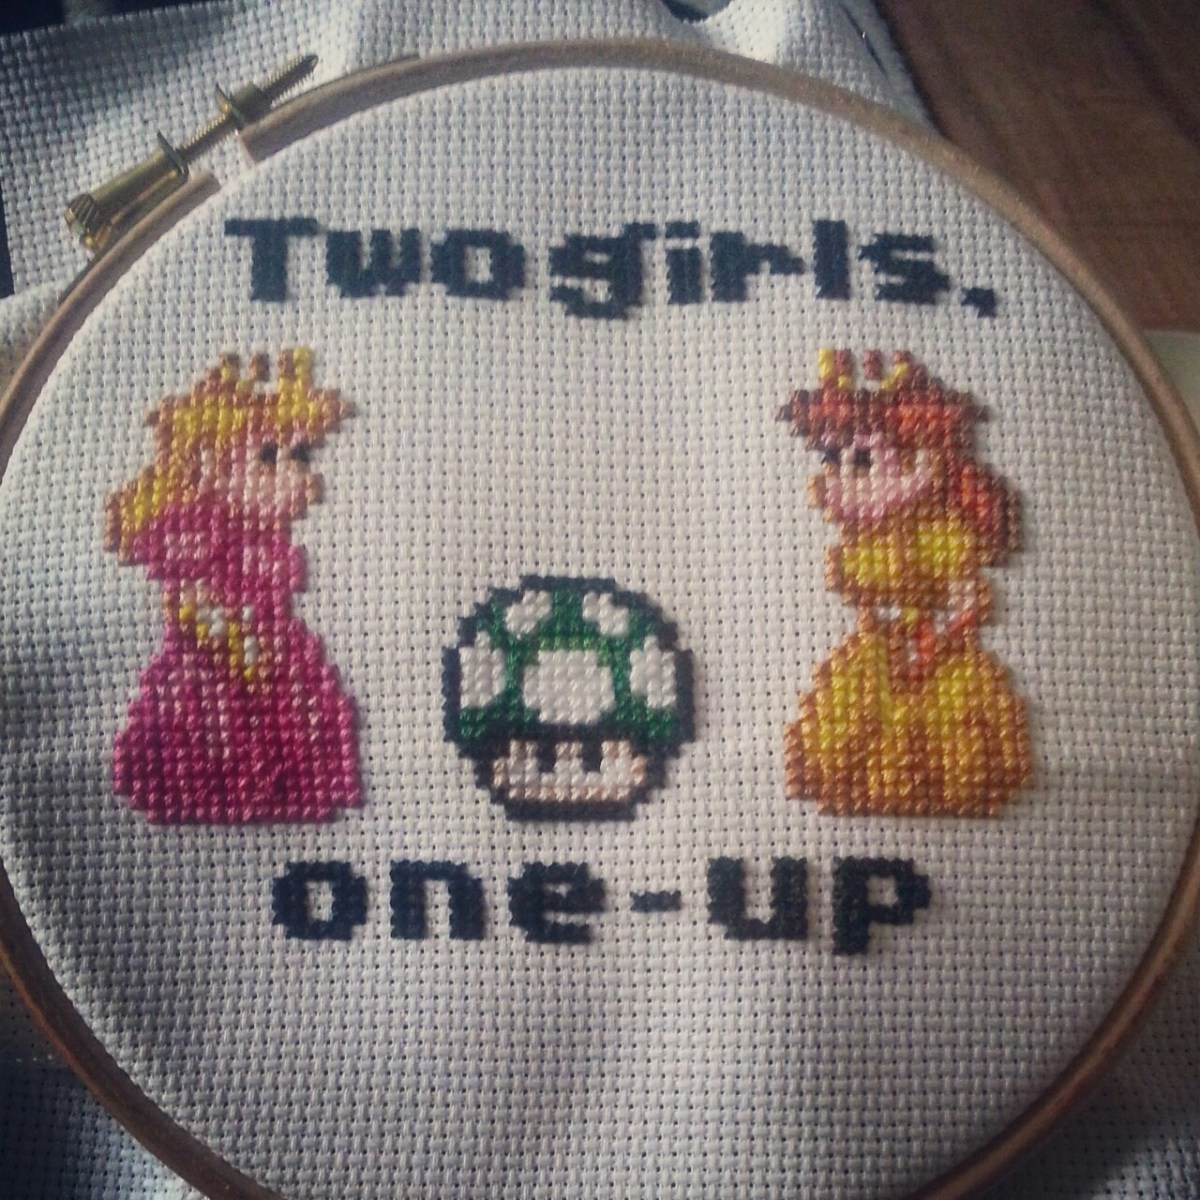 Stitchgasm! Kaylie-Jane's Two Girls, One Up Cross Stitch!